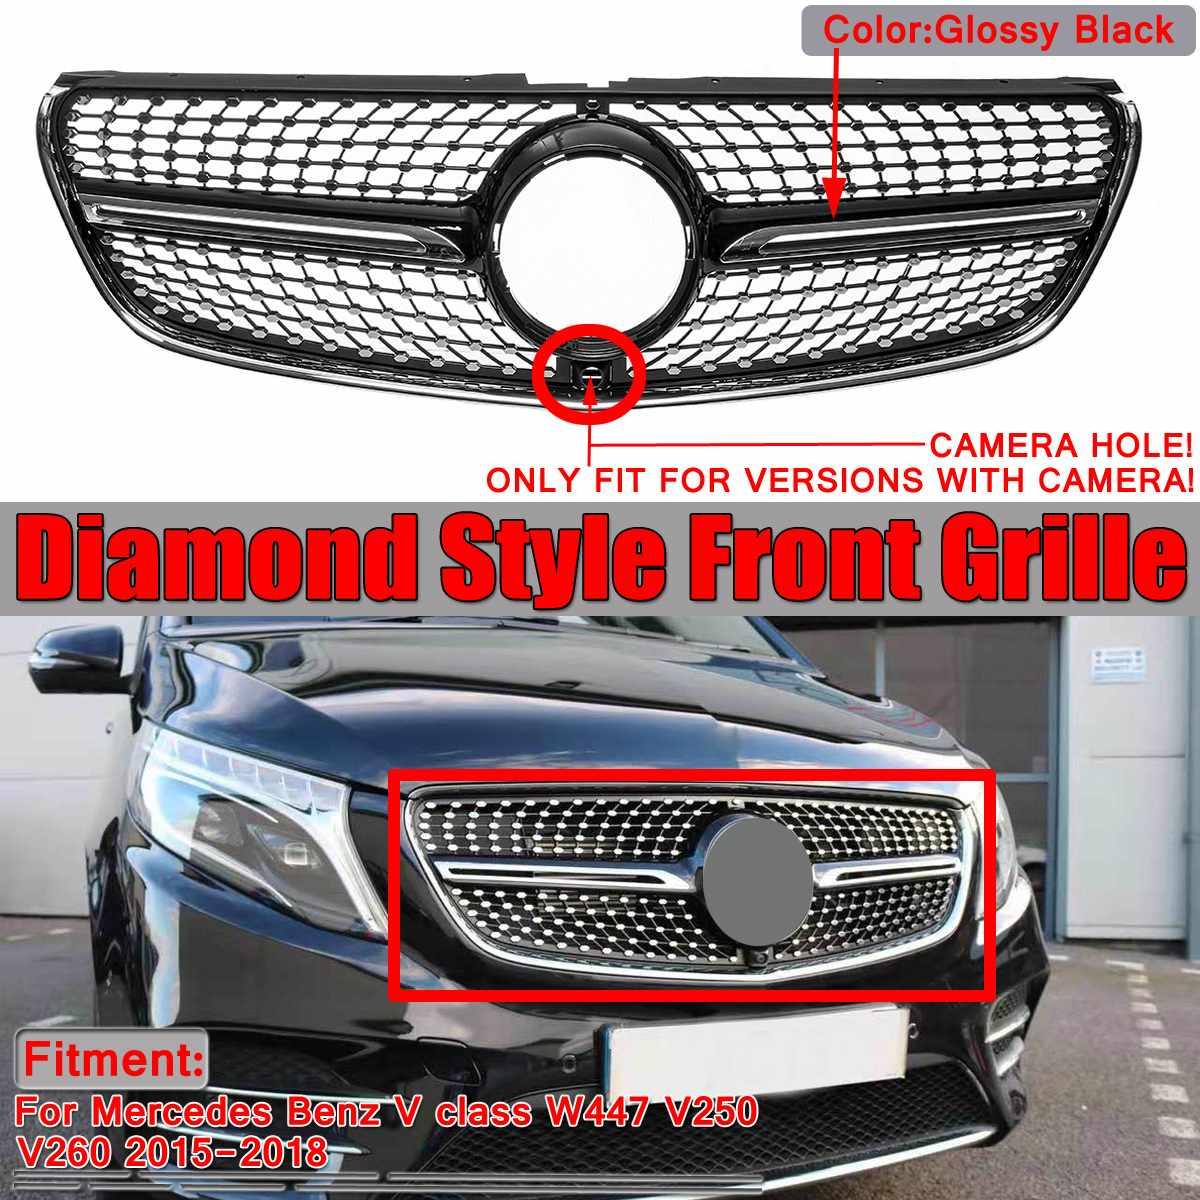 Diamentowa siatka grillowa W447 przedni Grill samochodowy z kamerą dla mercedesa dla Benz V klasa W447 V250 V260 2015-2018 czarny/chrom